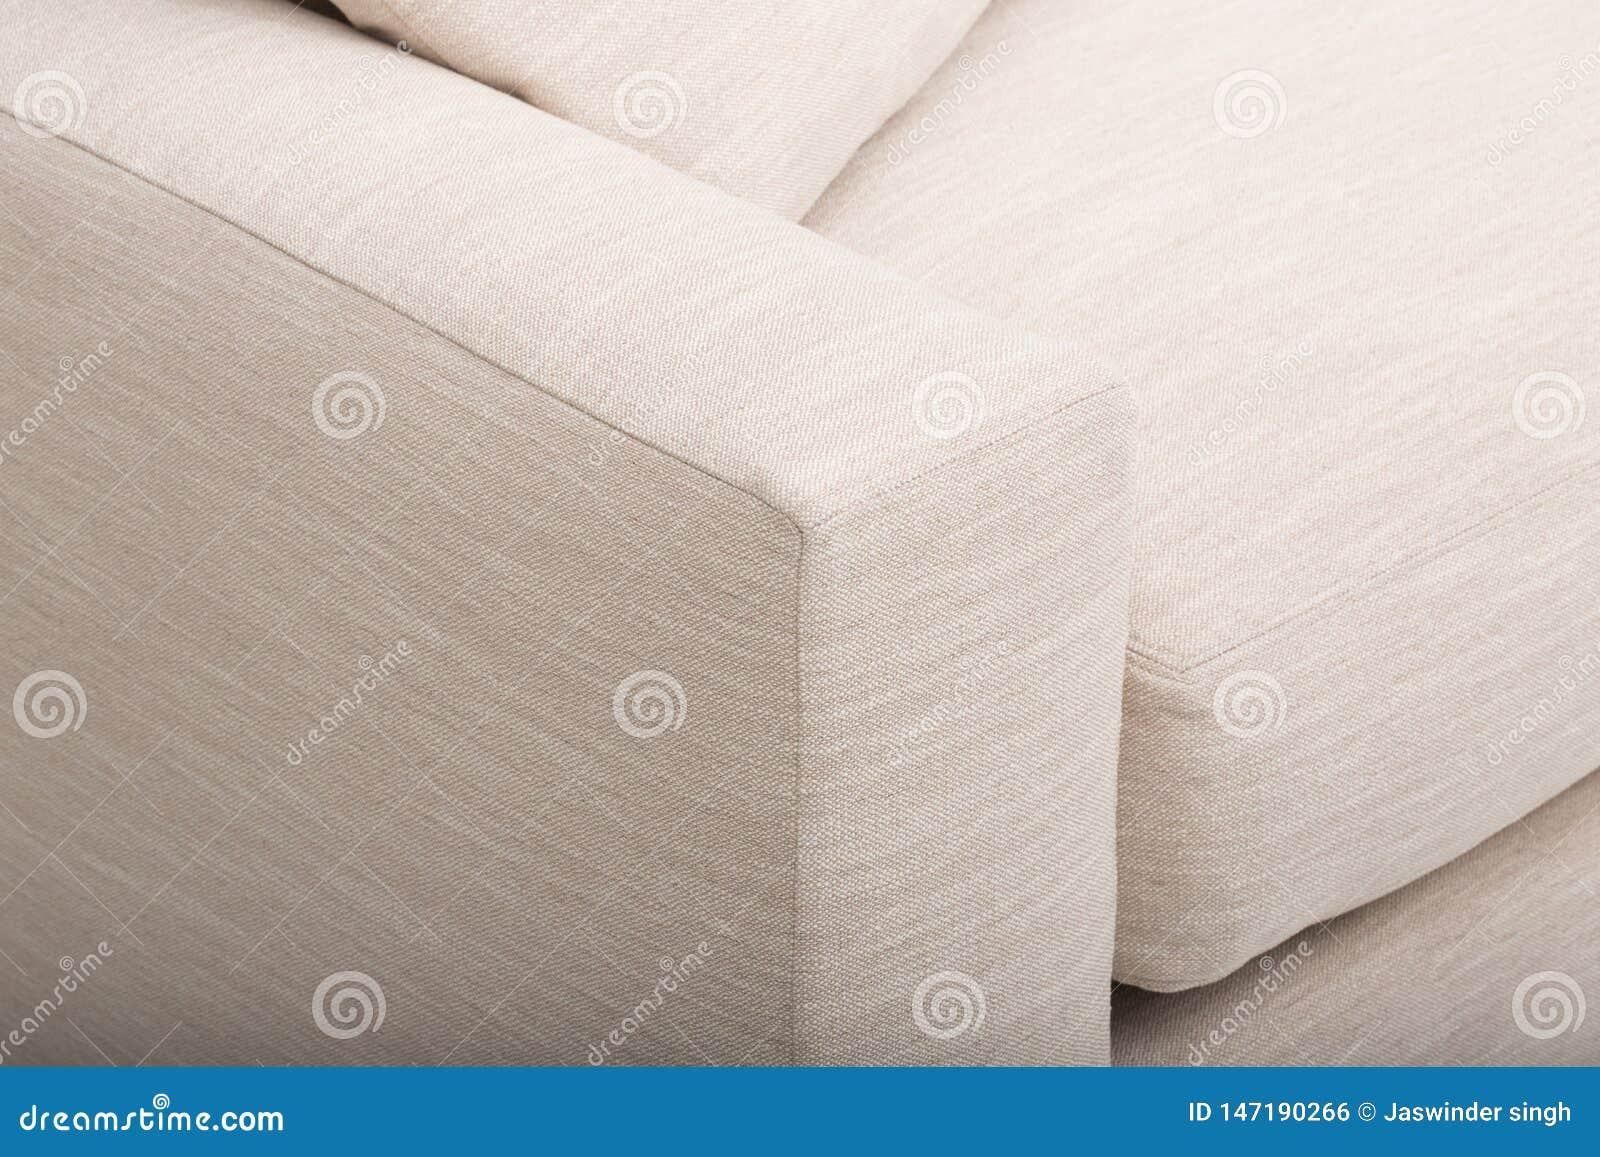 Кожаный диван мест уютный, софа 2 seater современная в светлом - серая ткань, 2-Seat софа, софа валика пера,